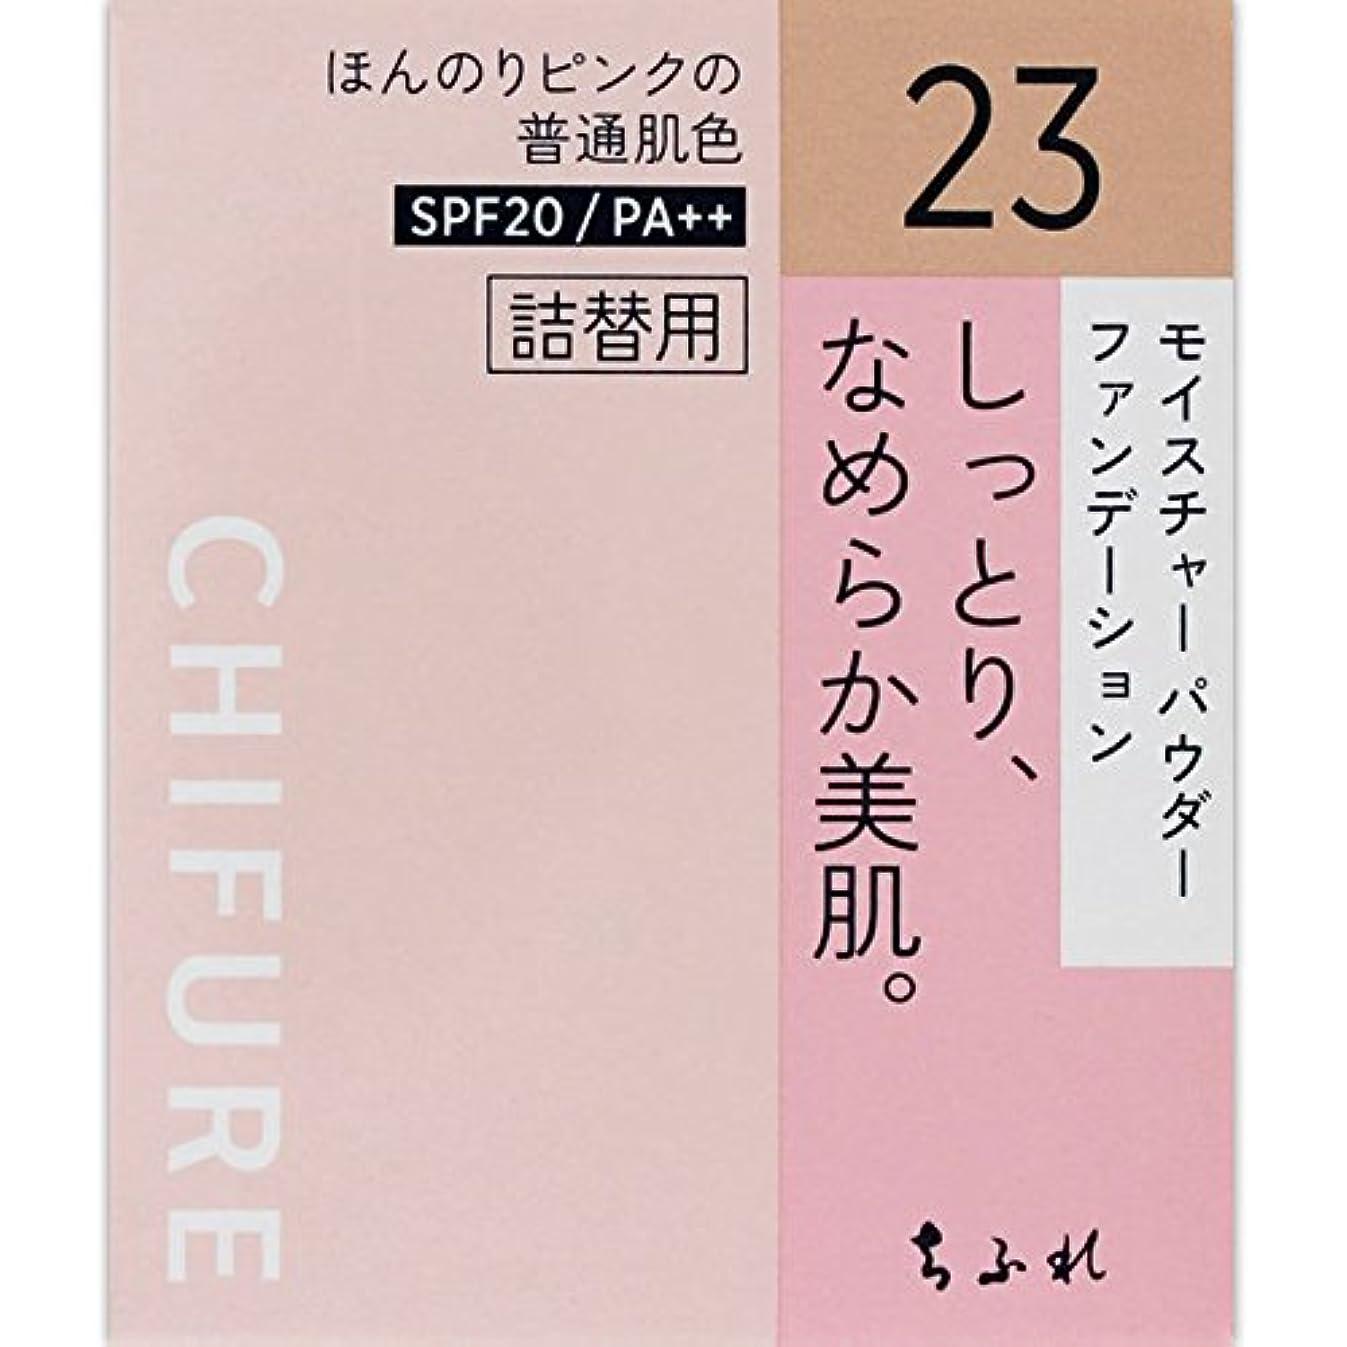 救急車行商枯れるちふれ化粧品 モイスチャー パウダーファンデーション 詰替用 ピンクオークル系 MパウダーFD詰替用23